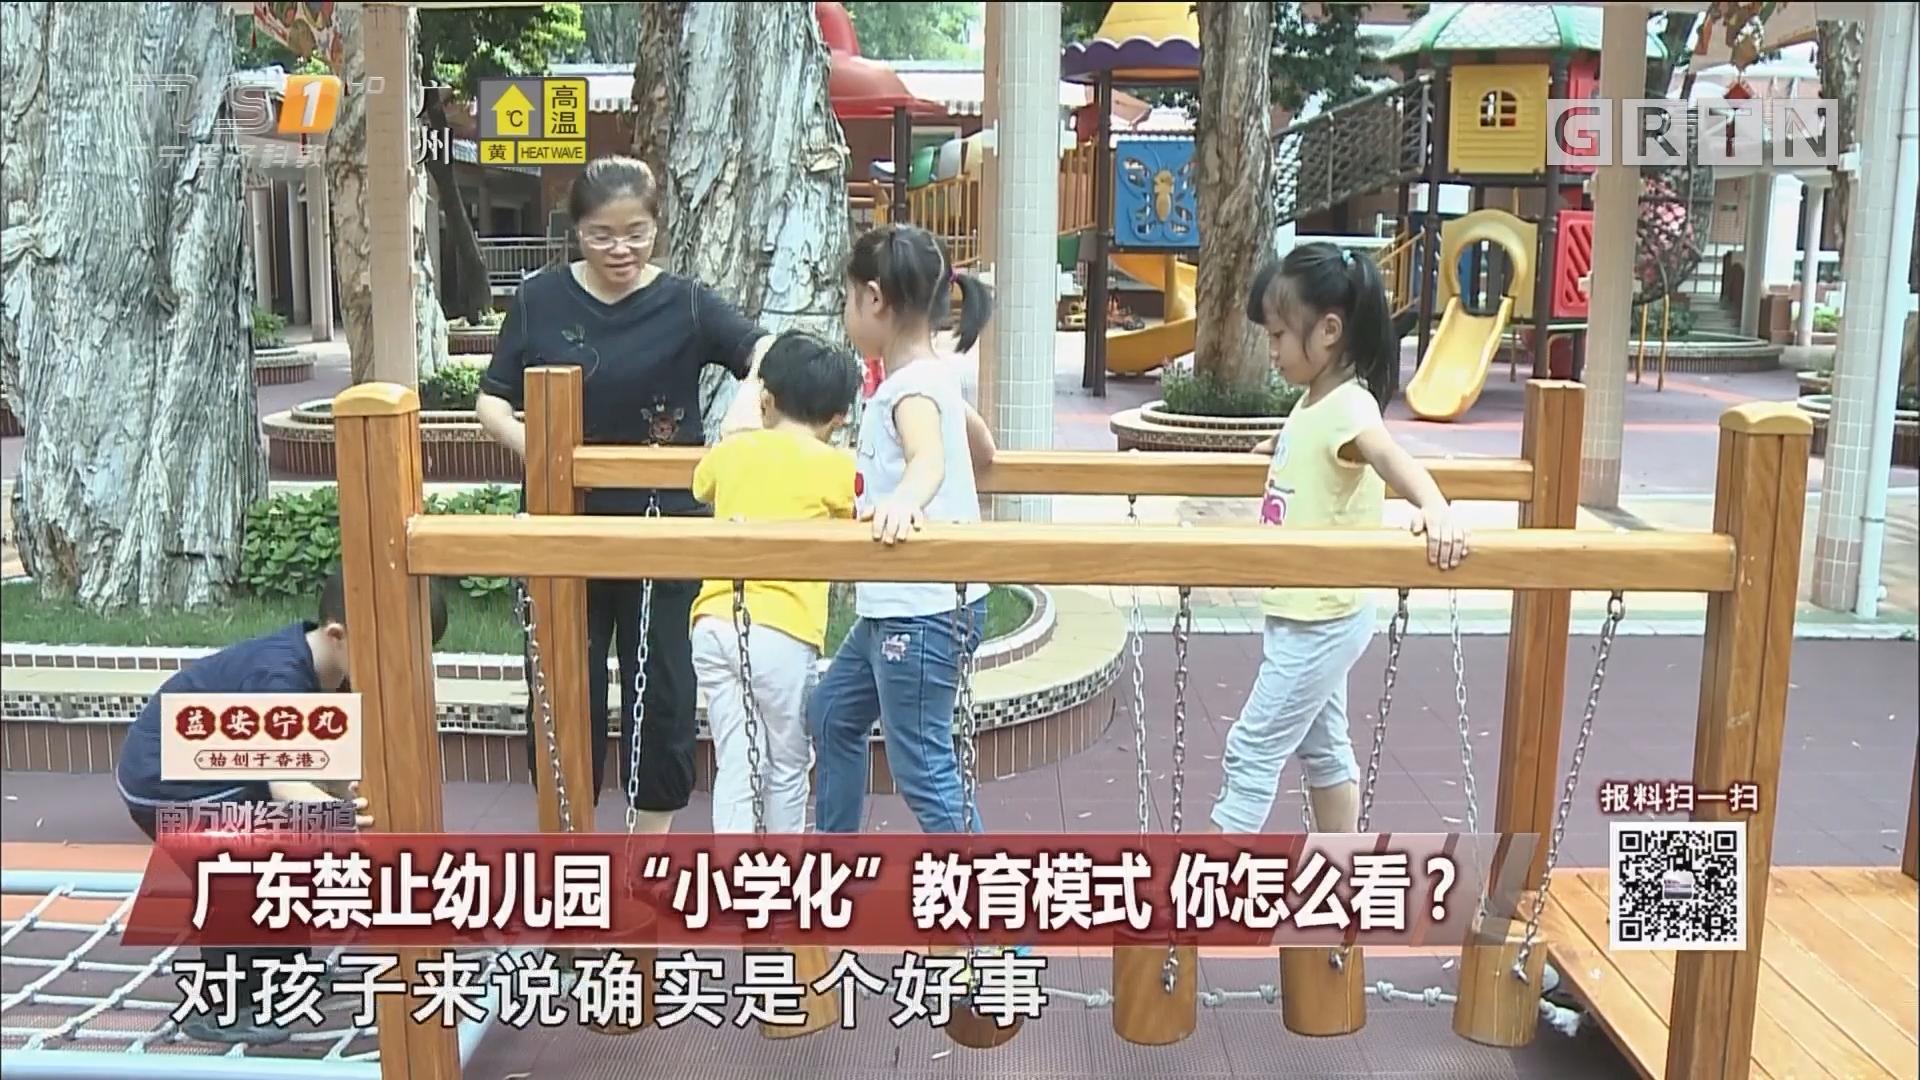 """广东禁止幼儿园""""小学化""""教育模式 你怎么看?"""